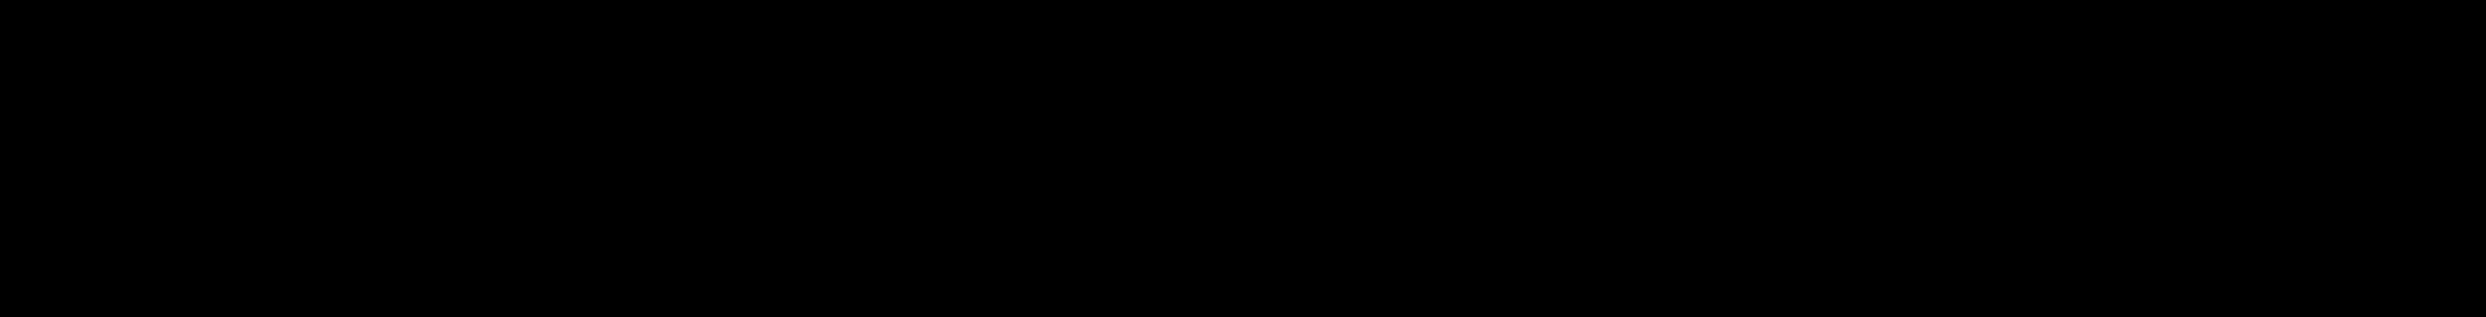 Логотип Lowblaw Digital